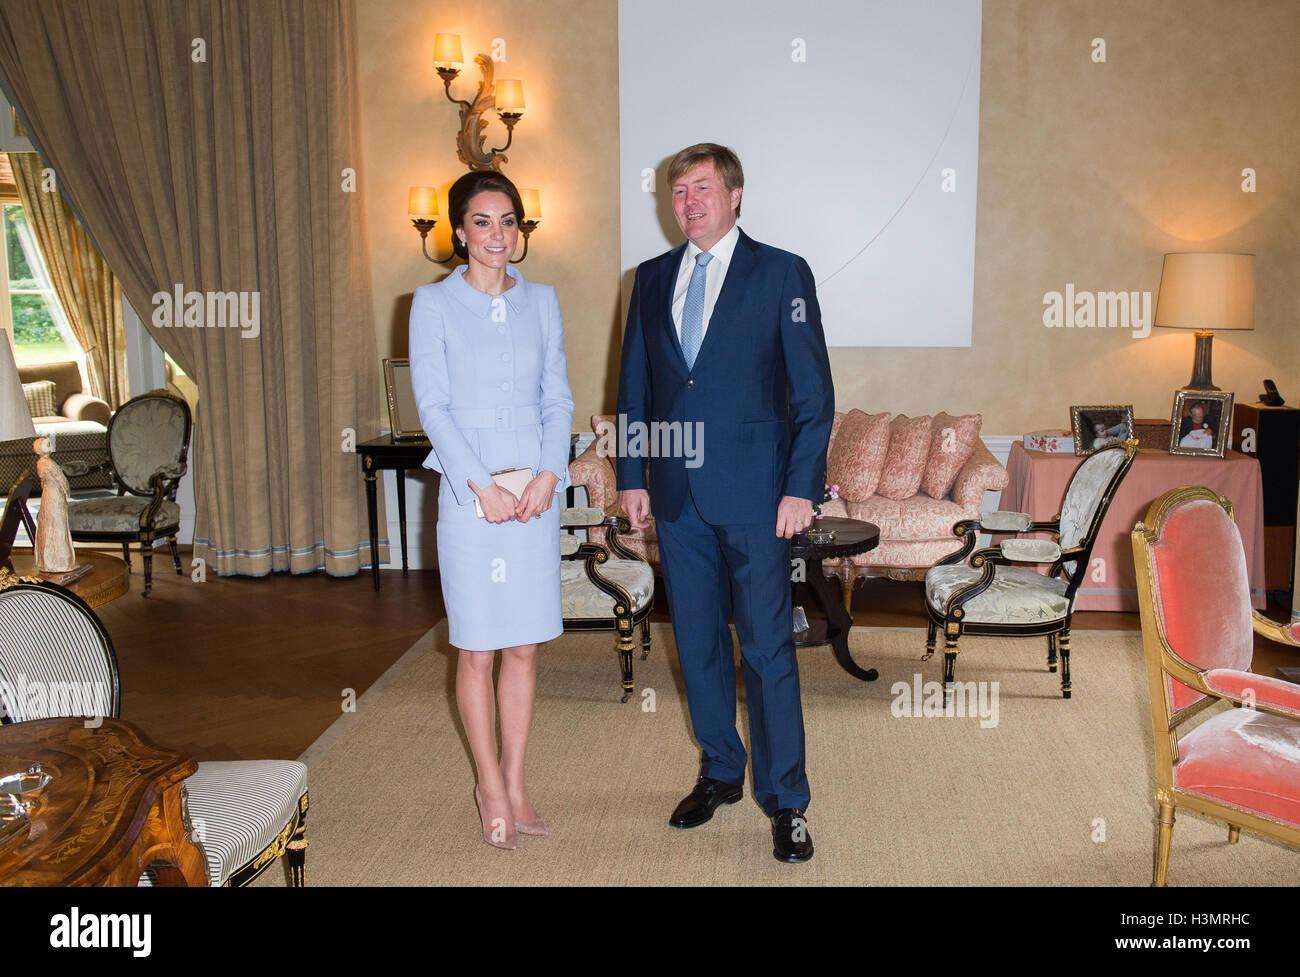 https://c8.alamy.com/comp/H3MRHC/the-duchess-of-cambridge-meets-king-willem-alexander-of-the-netherlands-H3MRHC.jpg